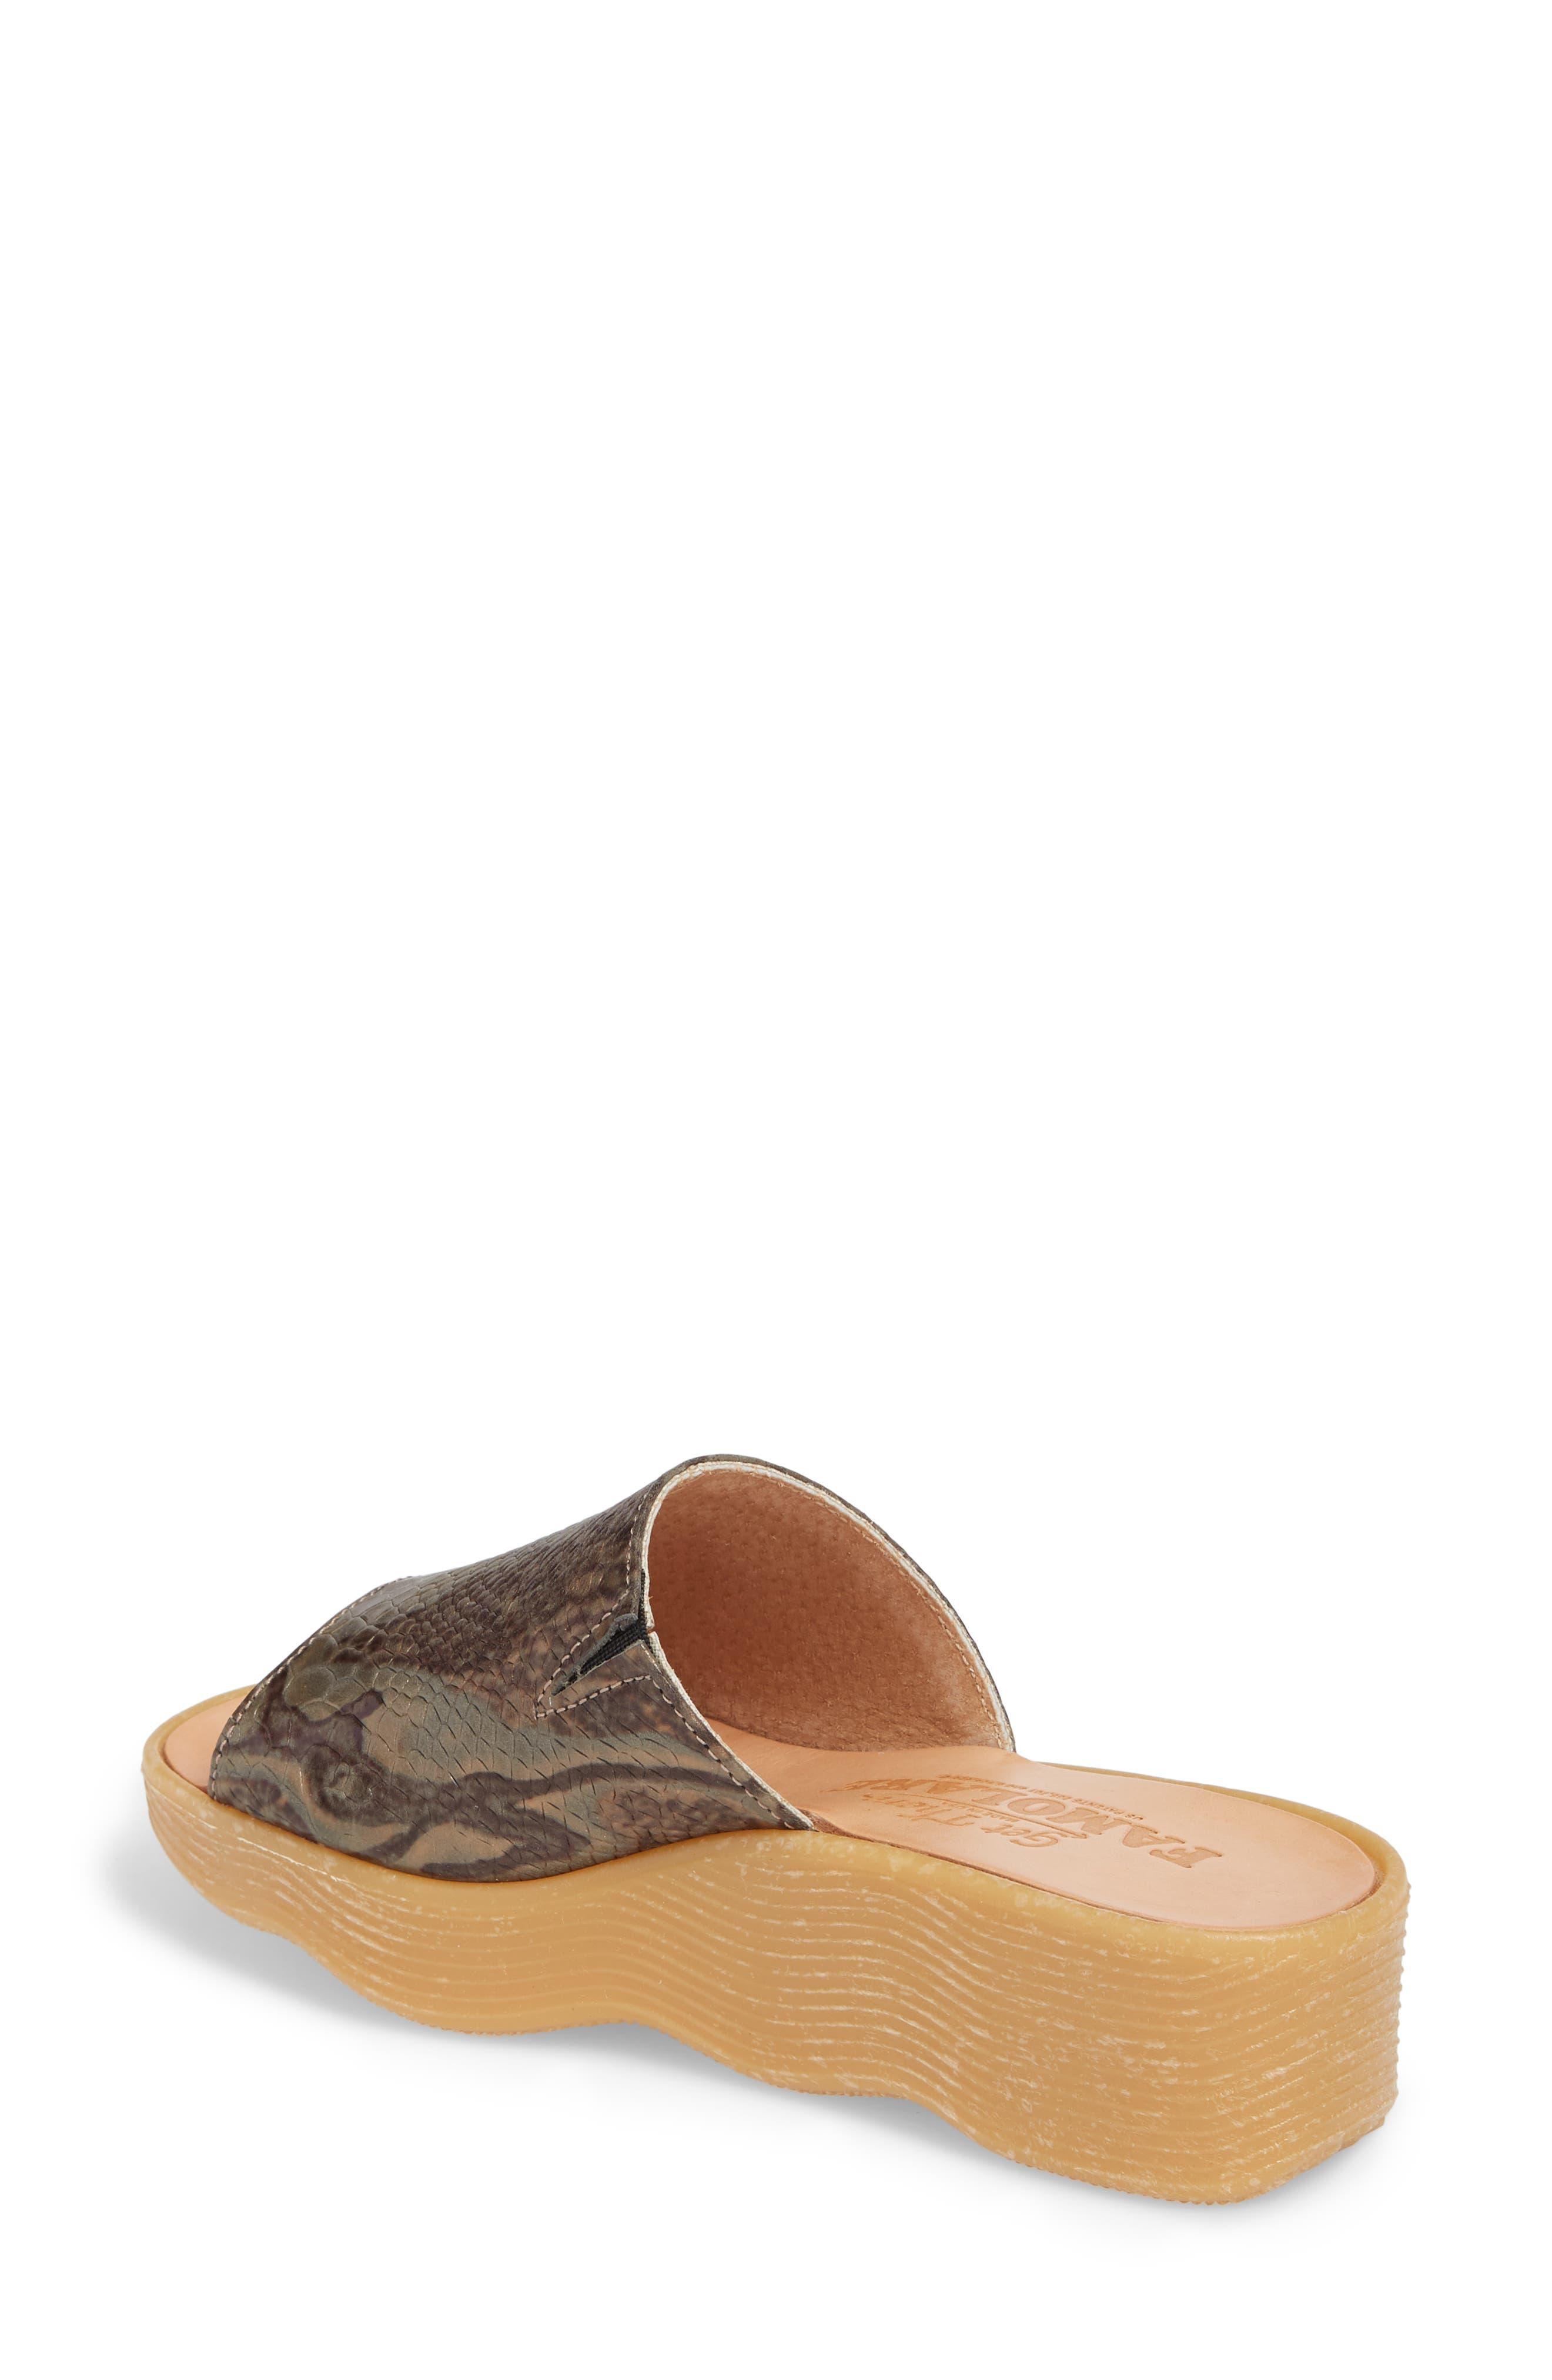 Slide N Sleek Wedge Slide Sandal,                             Alternate thumbnail 2, color,                             Snake Leather